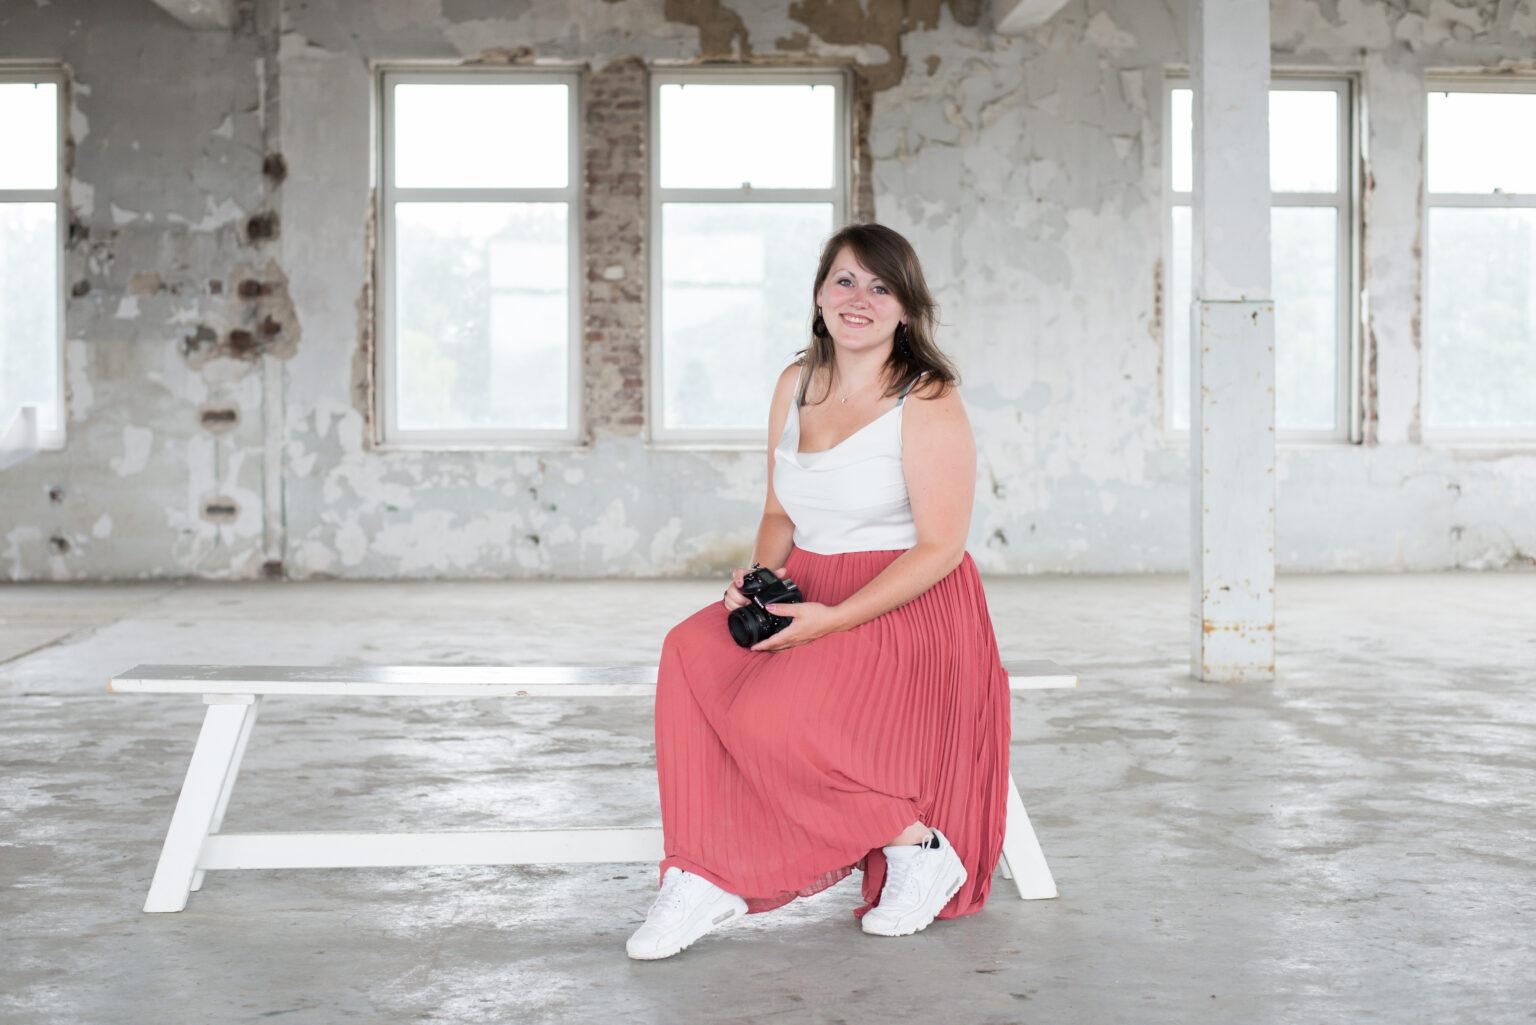 Melanie Witkamp Fotograaf, Nijmegen, Beuningen, Arnhem